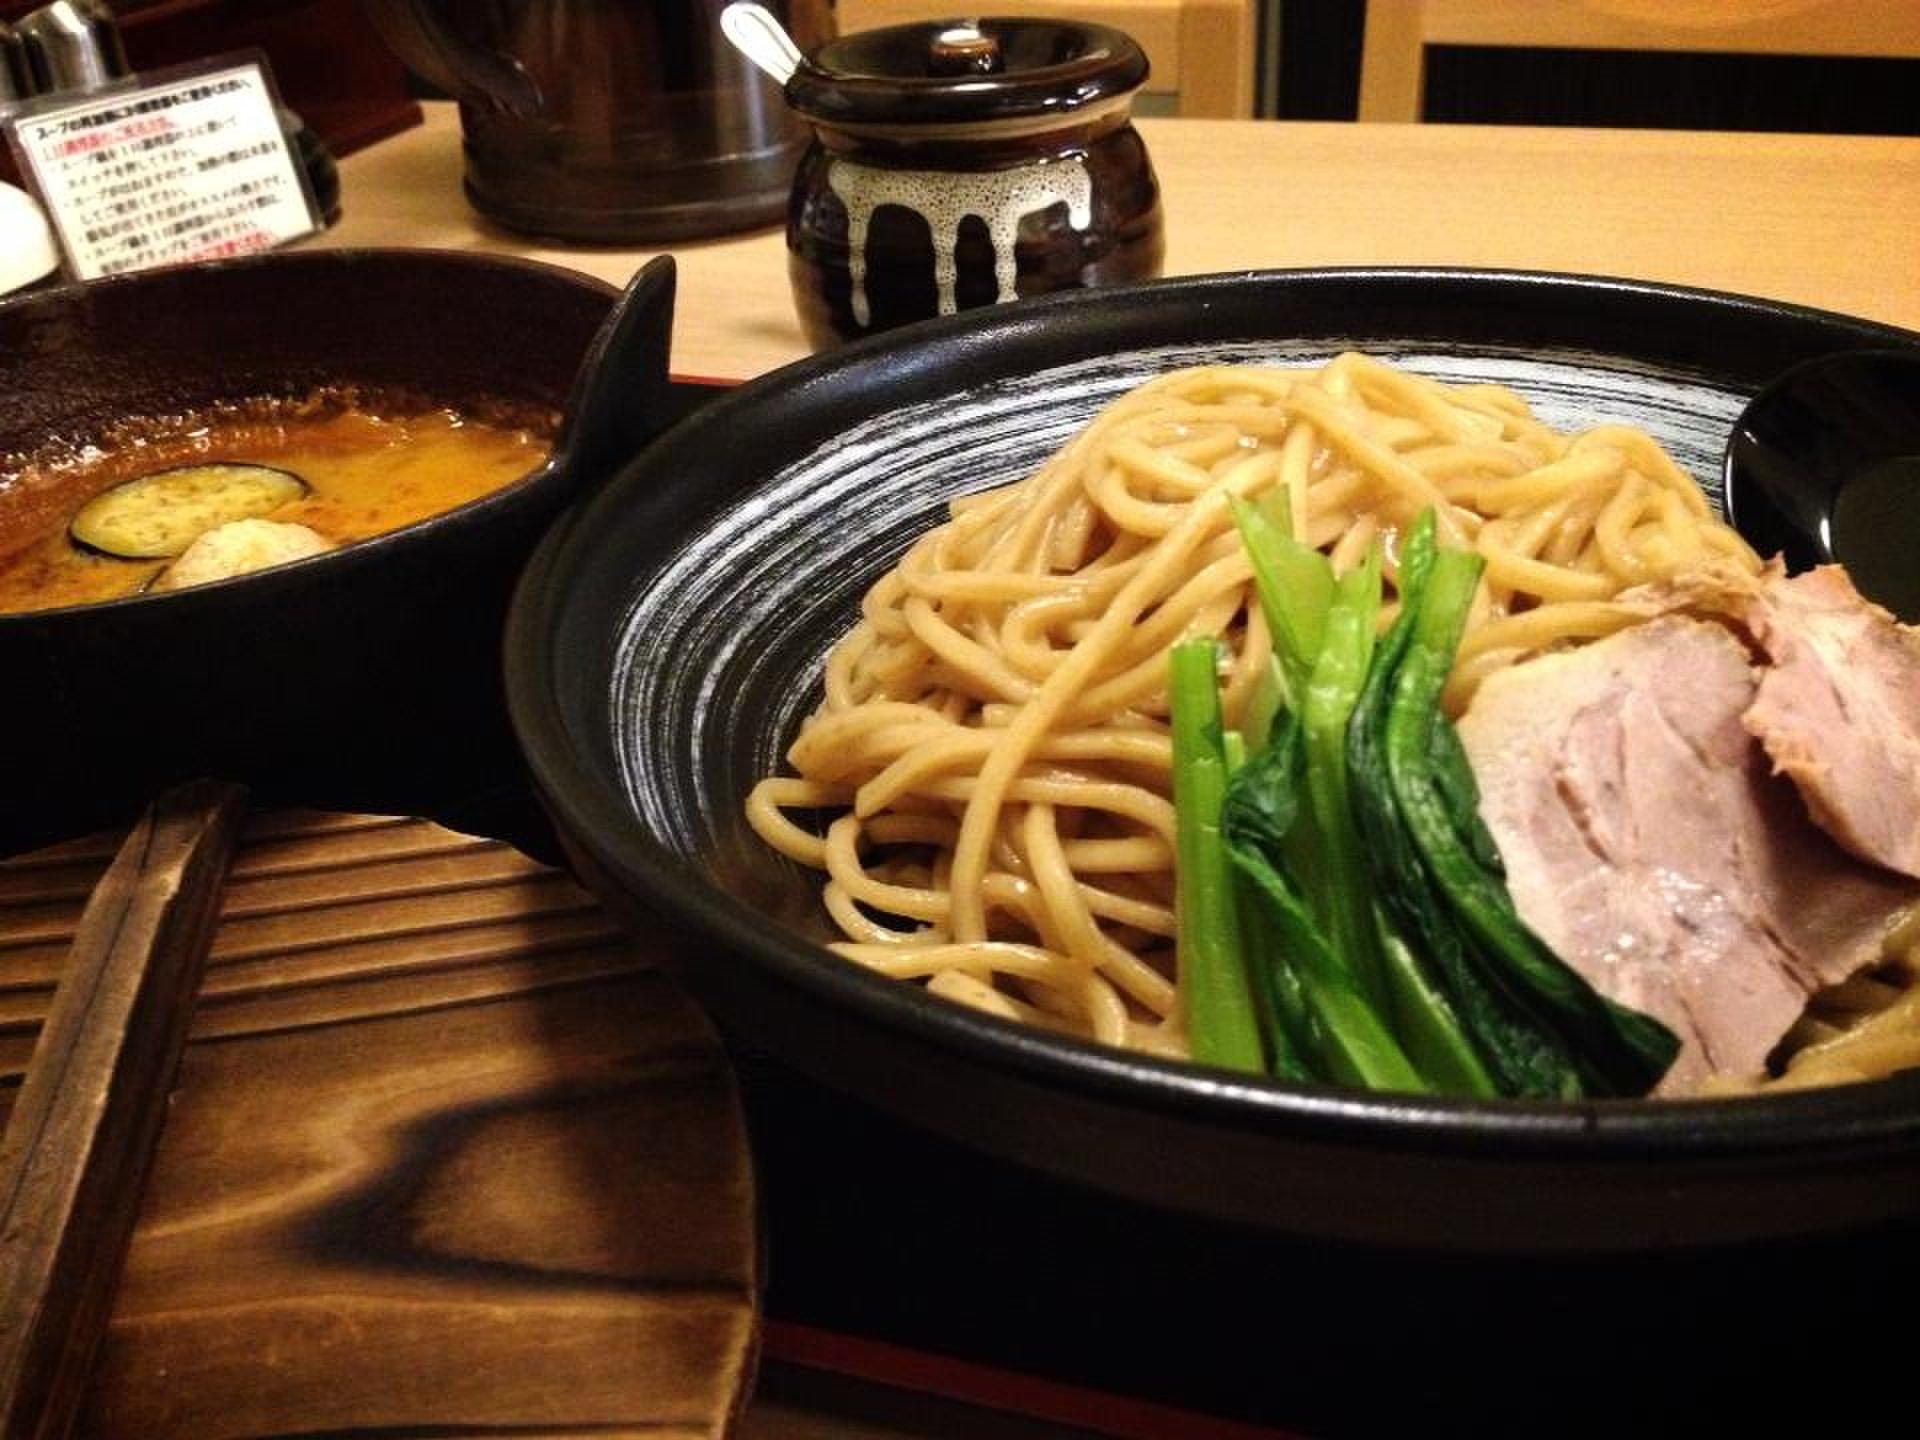 スープが冷めることがない京都おすすめつけ麺専門店☆麺屋もり 【京都おすすめつけ麺】